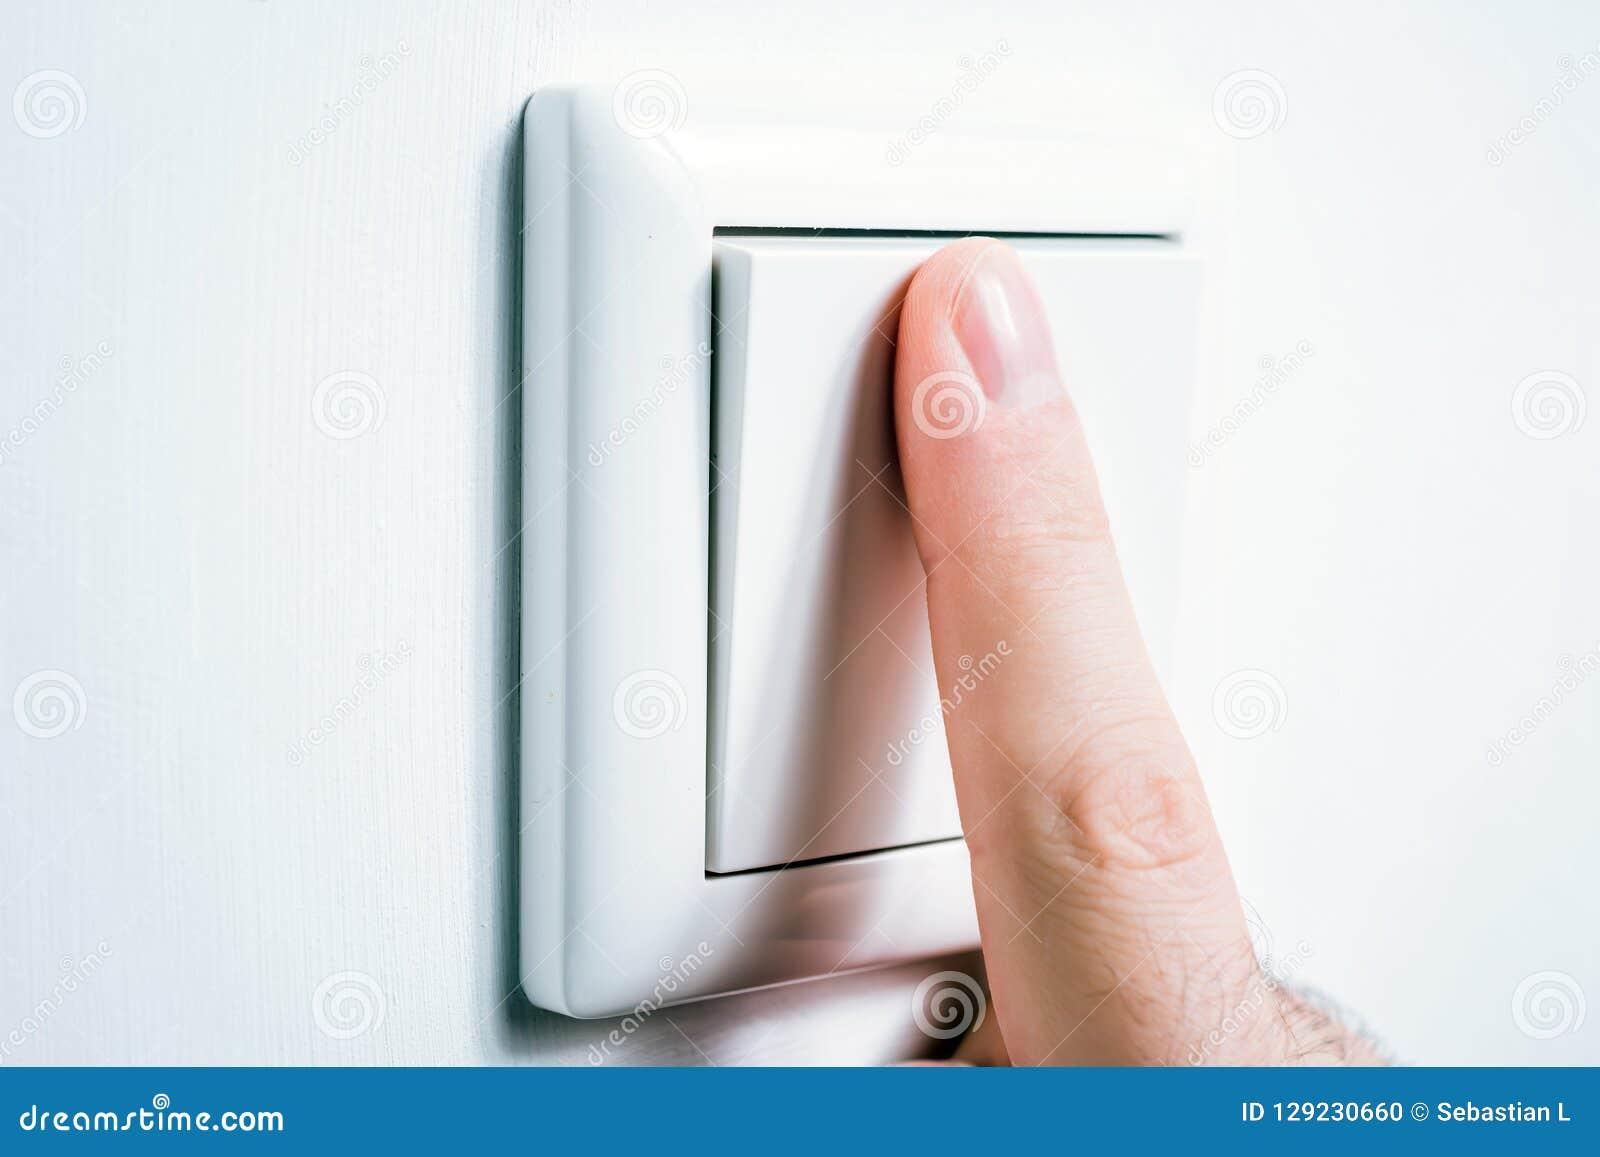 Doigt masculin touchant un interrupteur de lampe pour tourner la lumière  Marche/Arrêt